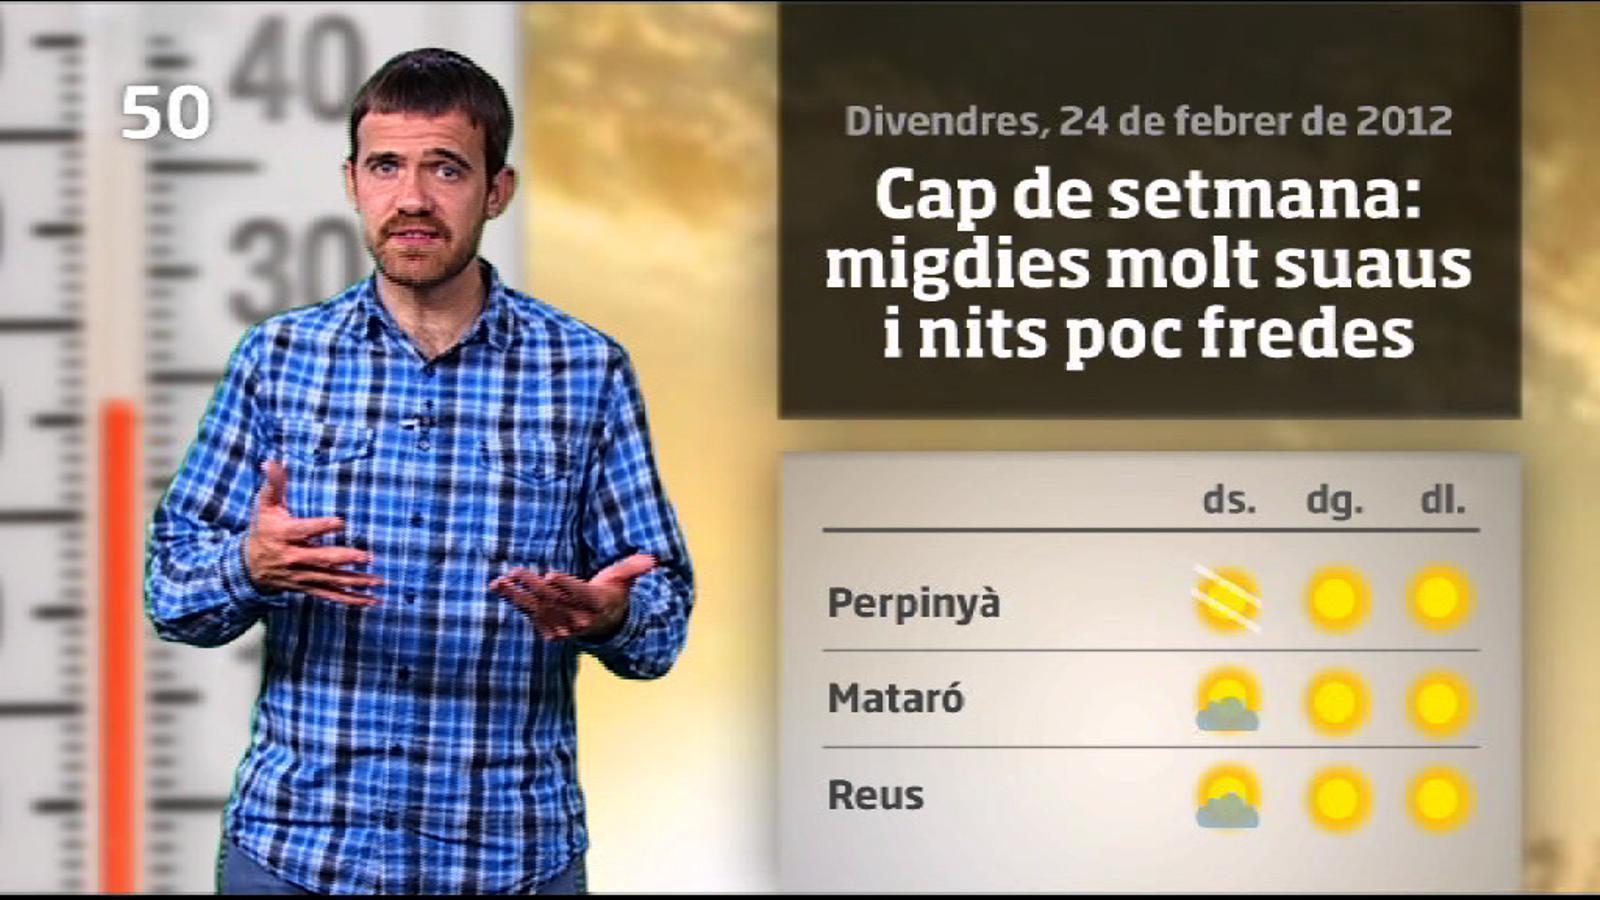 La méteo en 1 minut: dissabte amb núvols prims però ambient primaveral (25/02/2012)